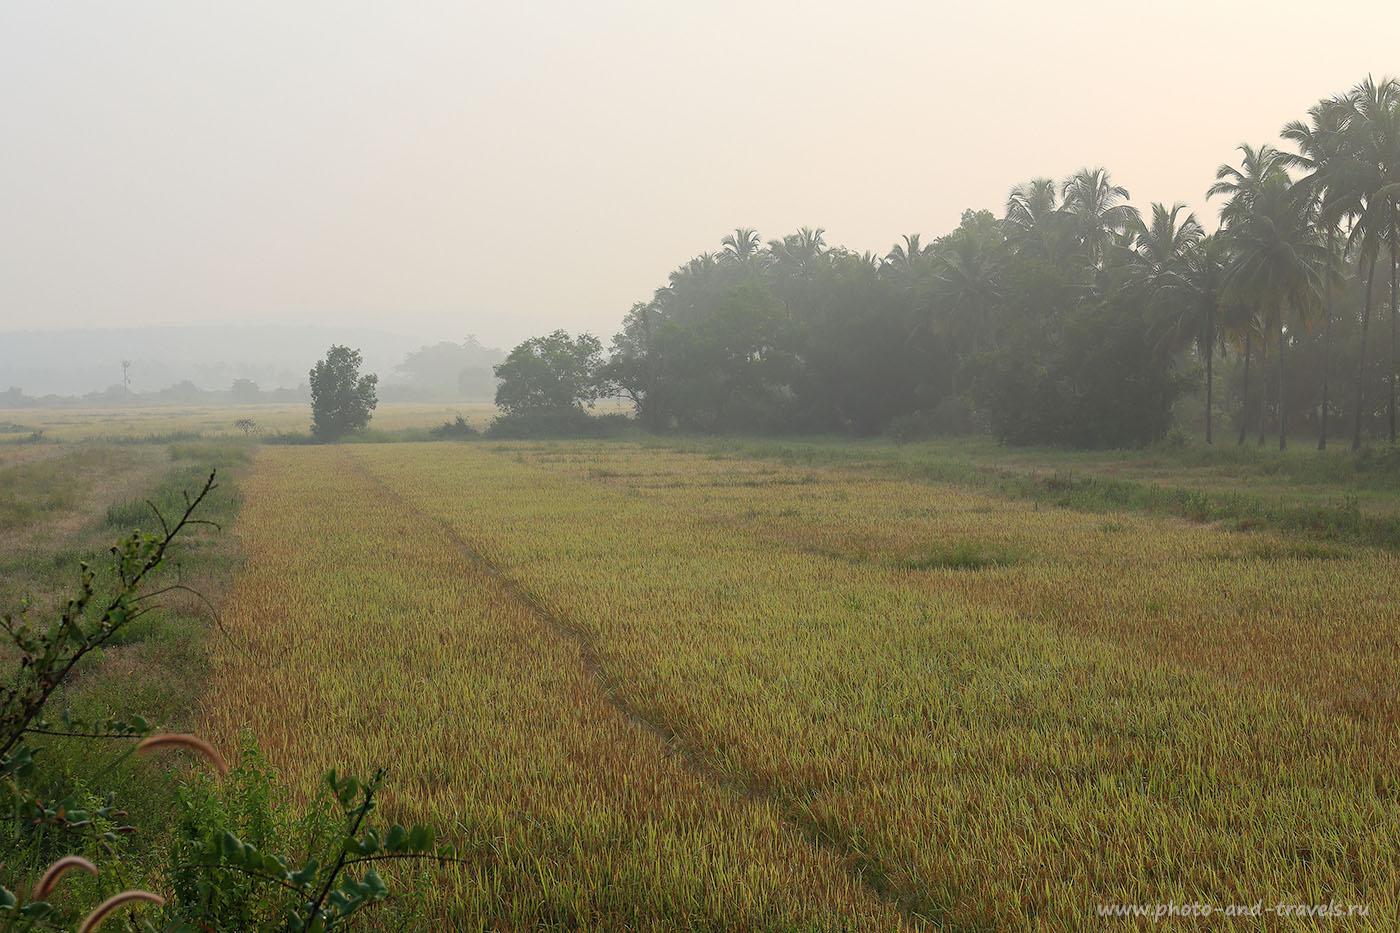 Фото 11. Поле утром. Отзыв о поездке по Гоа на поезде. Самостоятельная поездка в Индию (24-70, 1/160, 0eV, f9, 67mm, ISO 100)